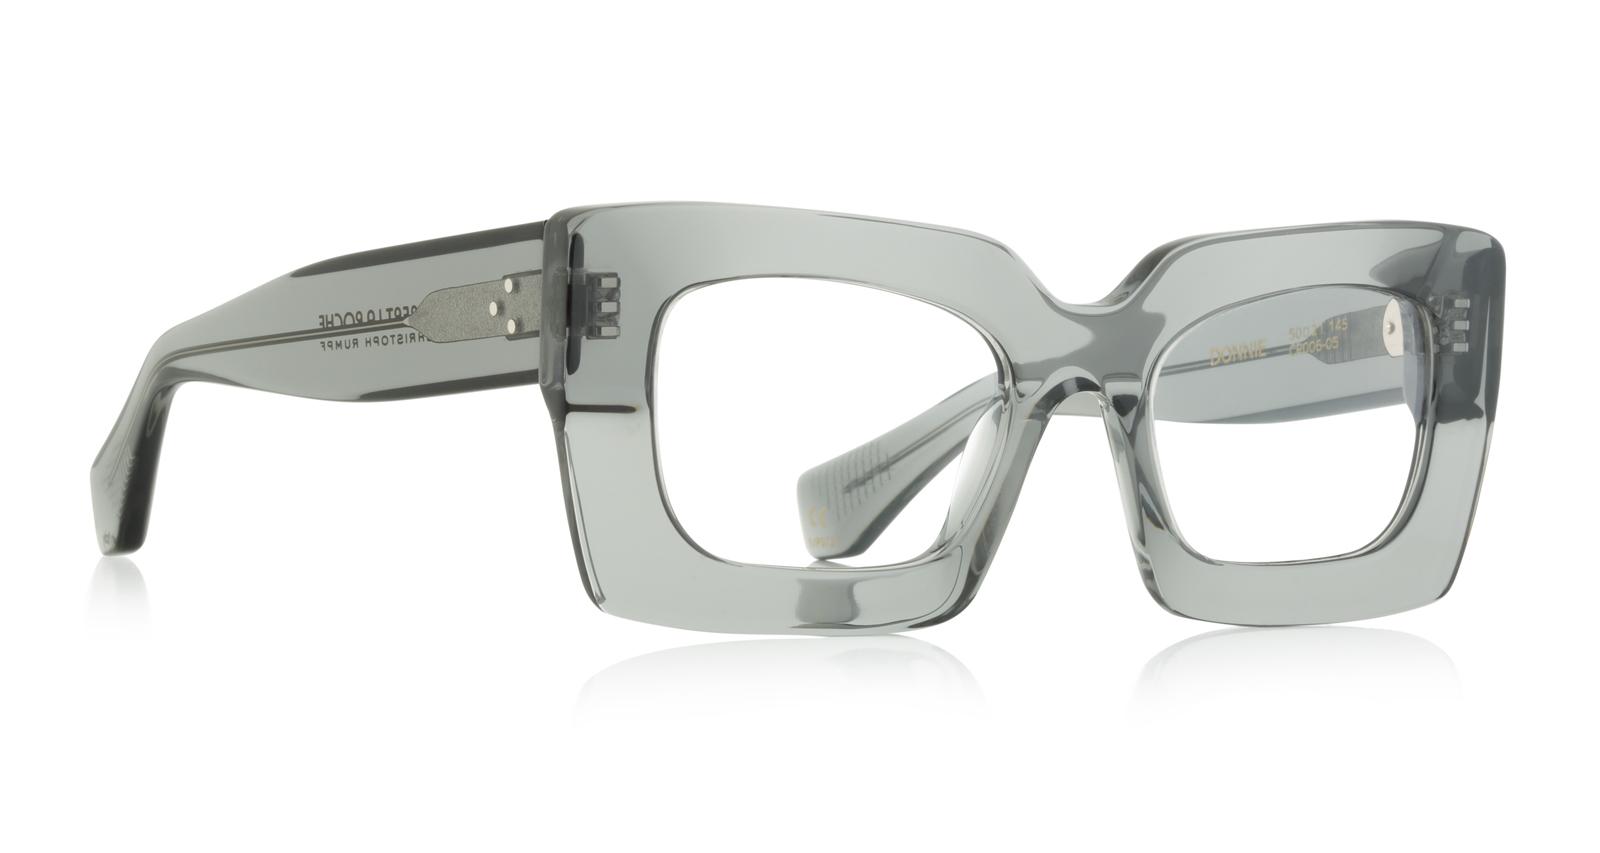 Robert La Roche - Optical Donnie CR006 05 Side